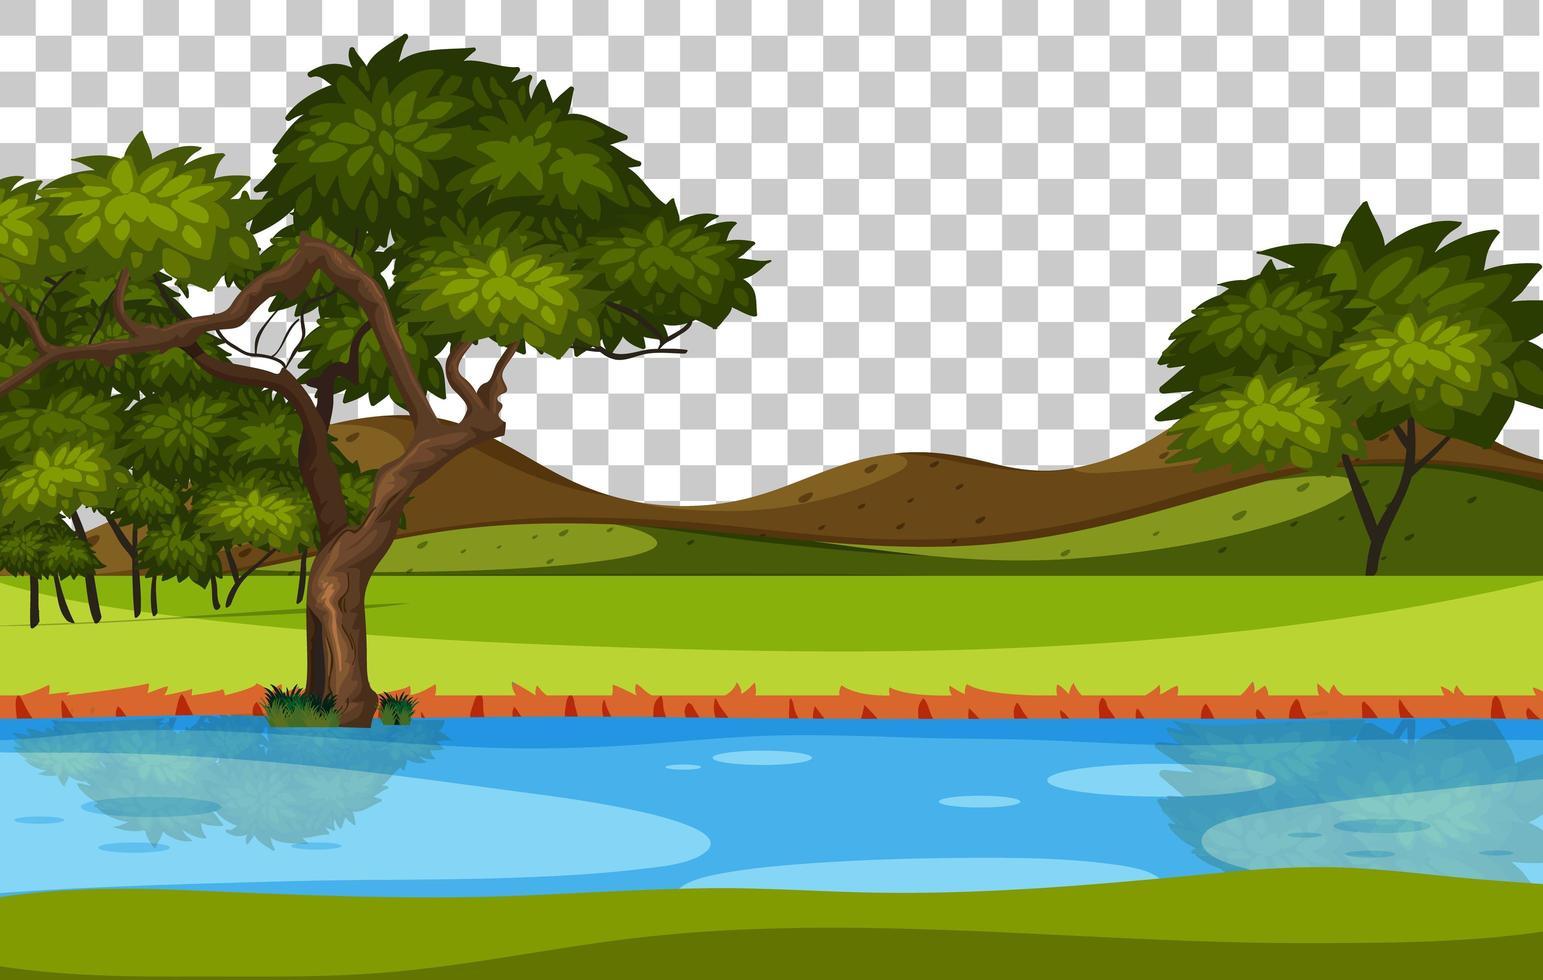 leerer Naturparkszenenlandschaftsfluss auf transparentem Hintergrund vektor